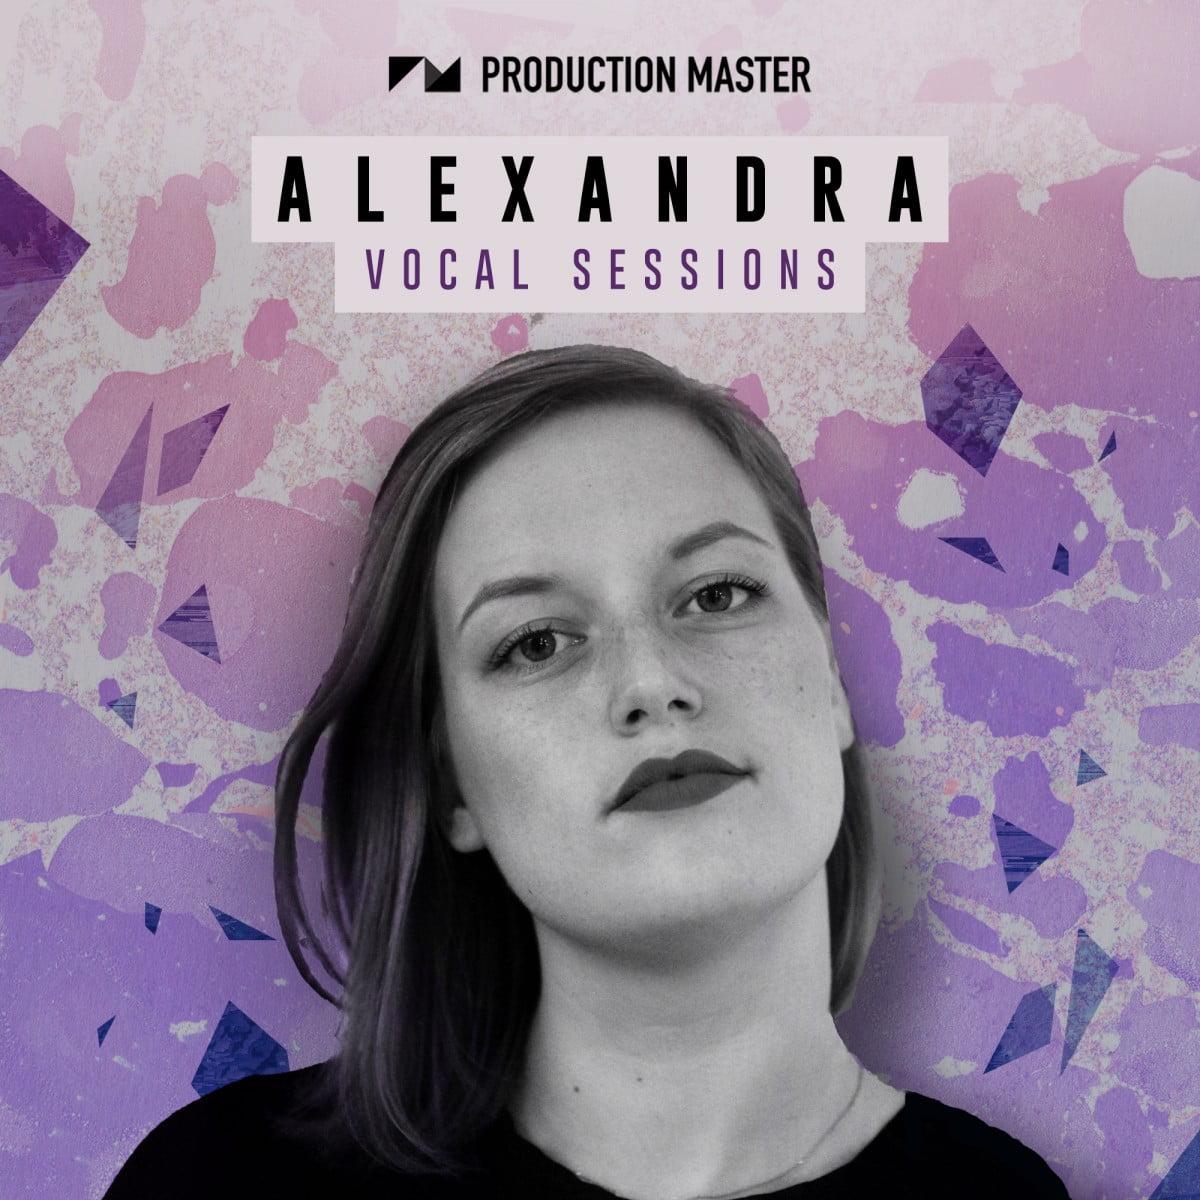 PM-Alexandra-Vocal-Sessions-ARTWORK